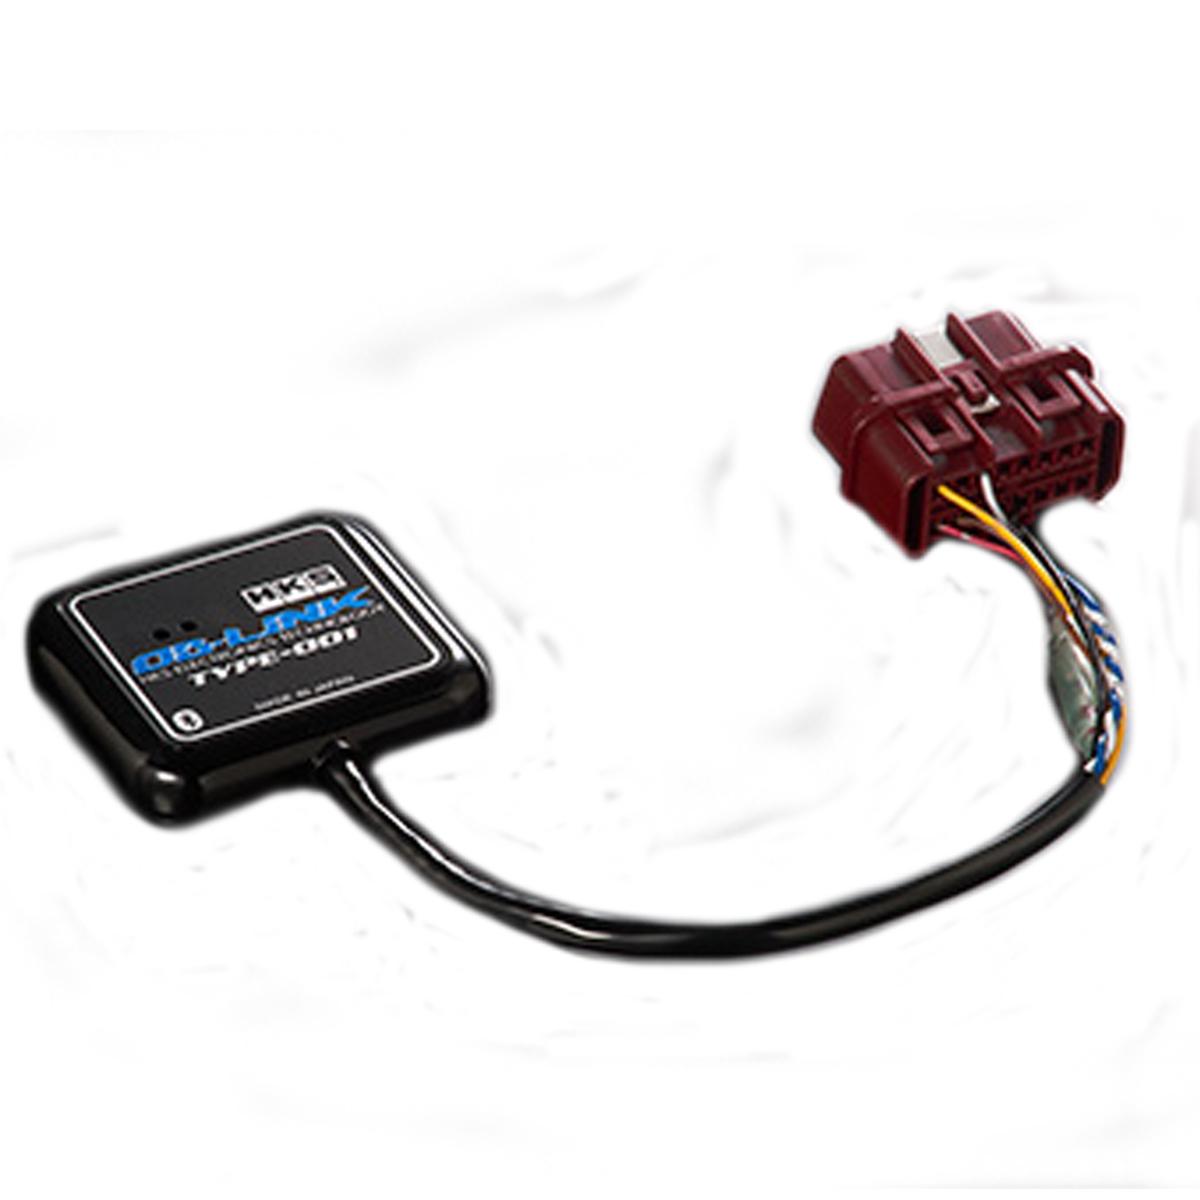 ラグレイト モニター OBリンク タイプ 001 RL1 HKS 44009-AK002 エレクトリニクス